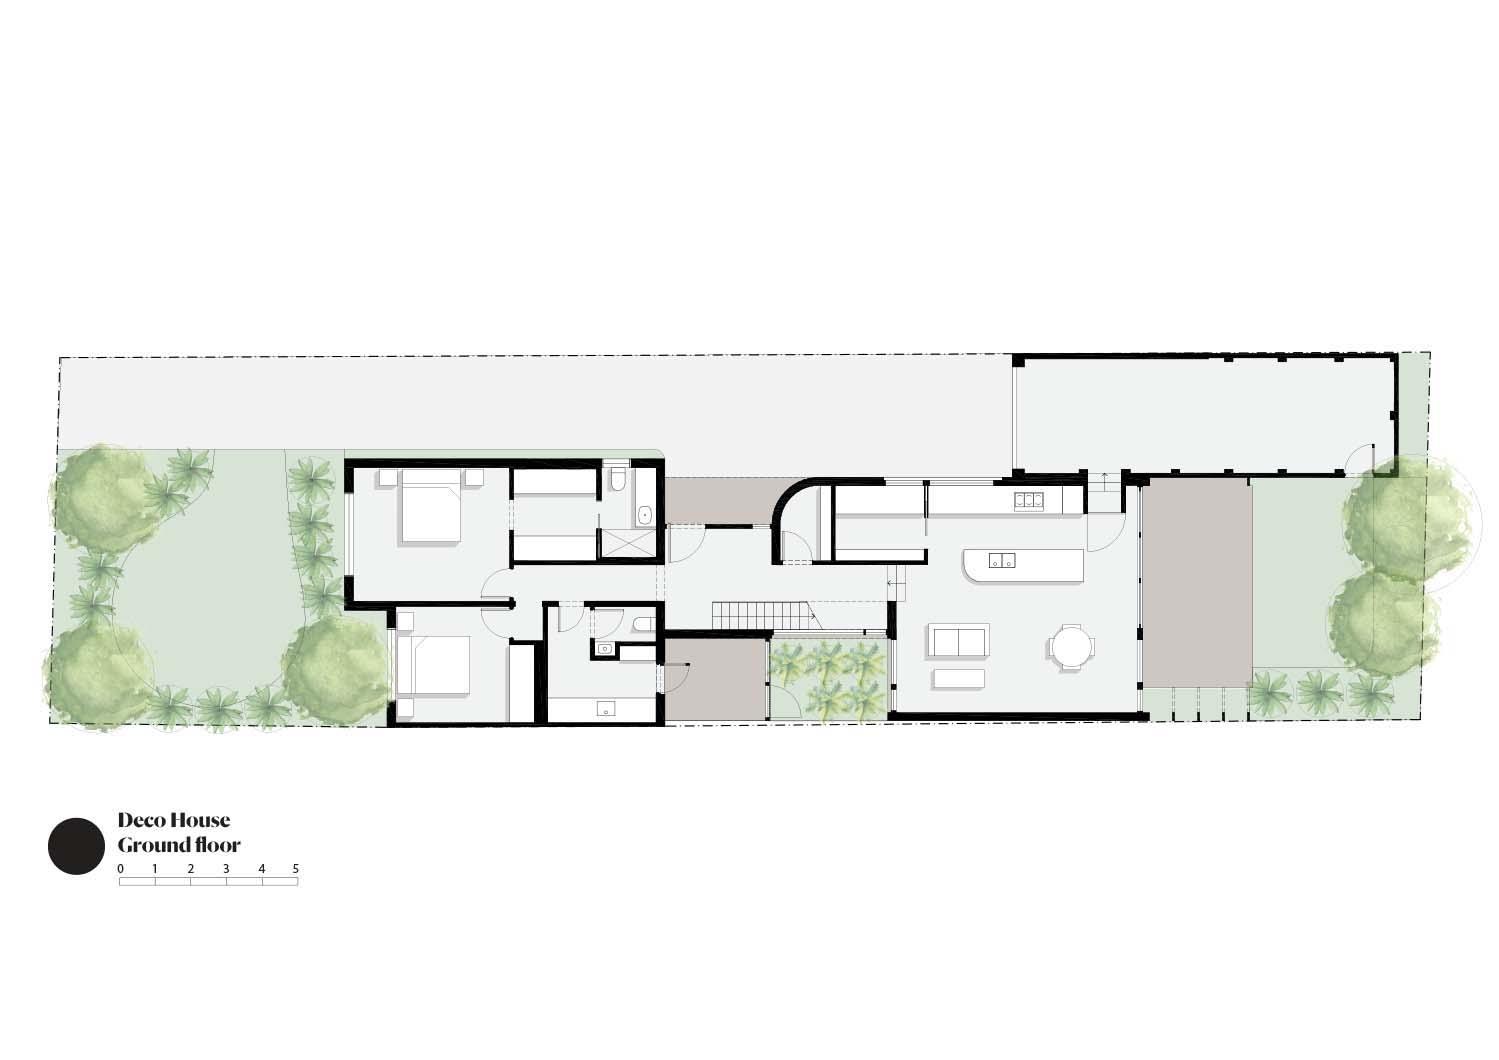 Deco House